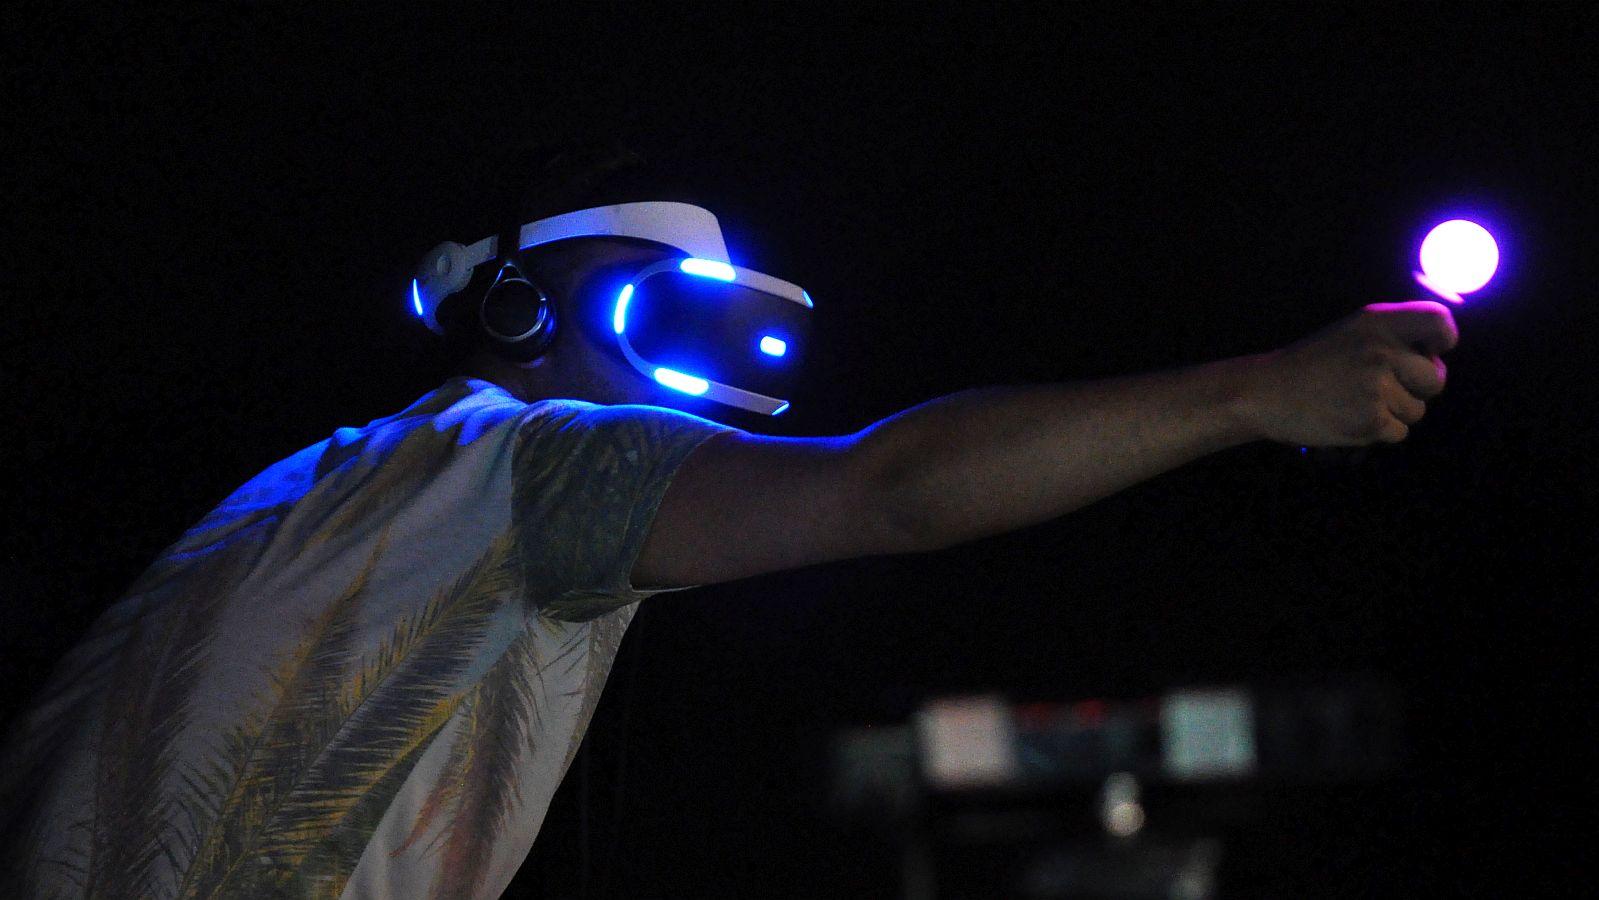 Партия PS VR для предзаказа была продана за миг